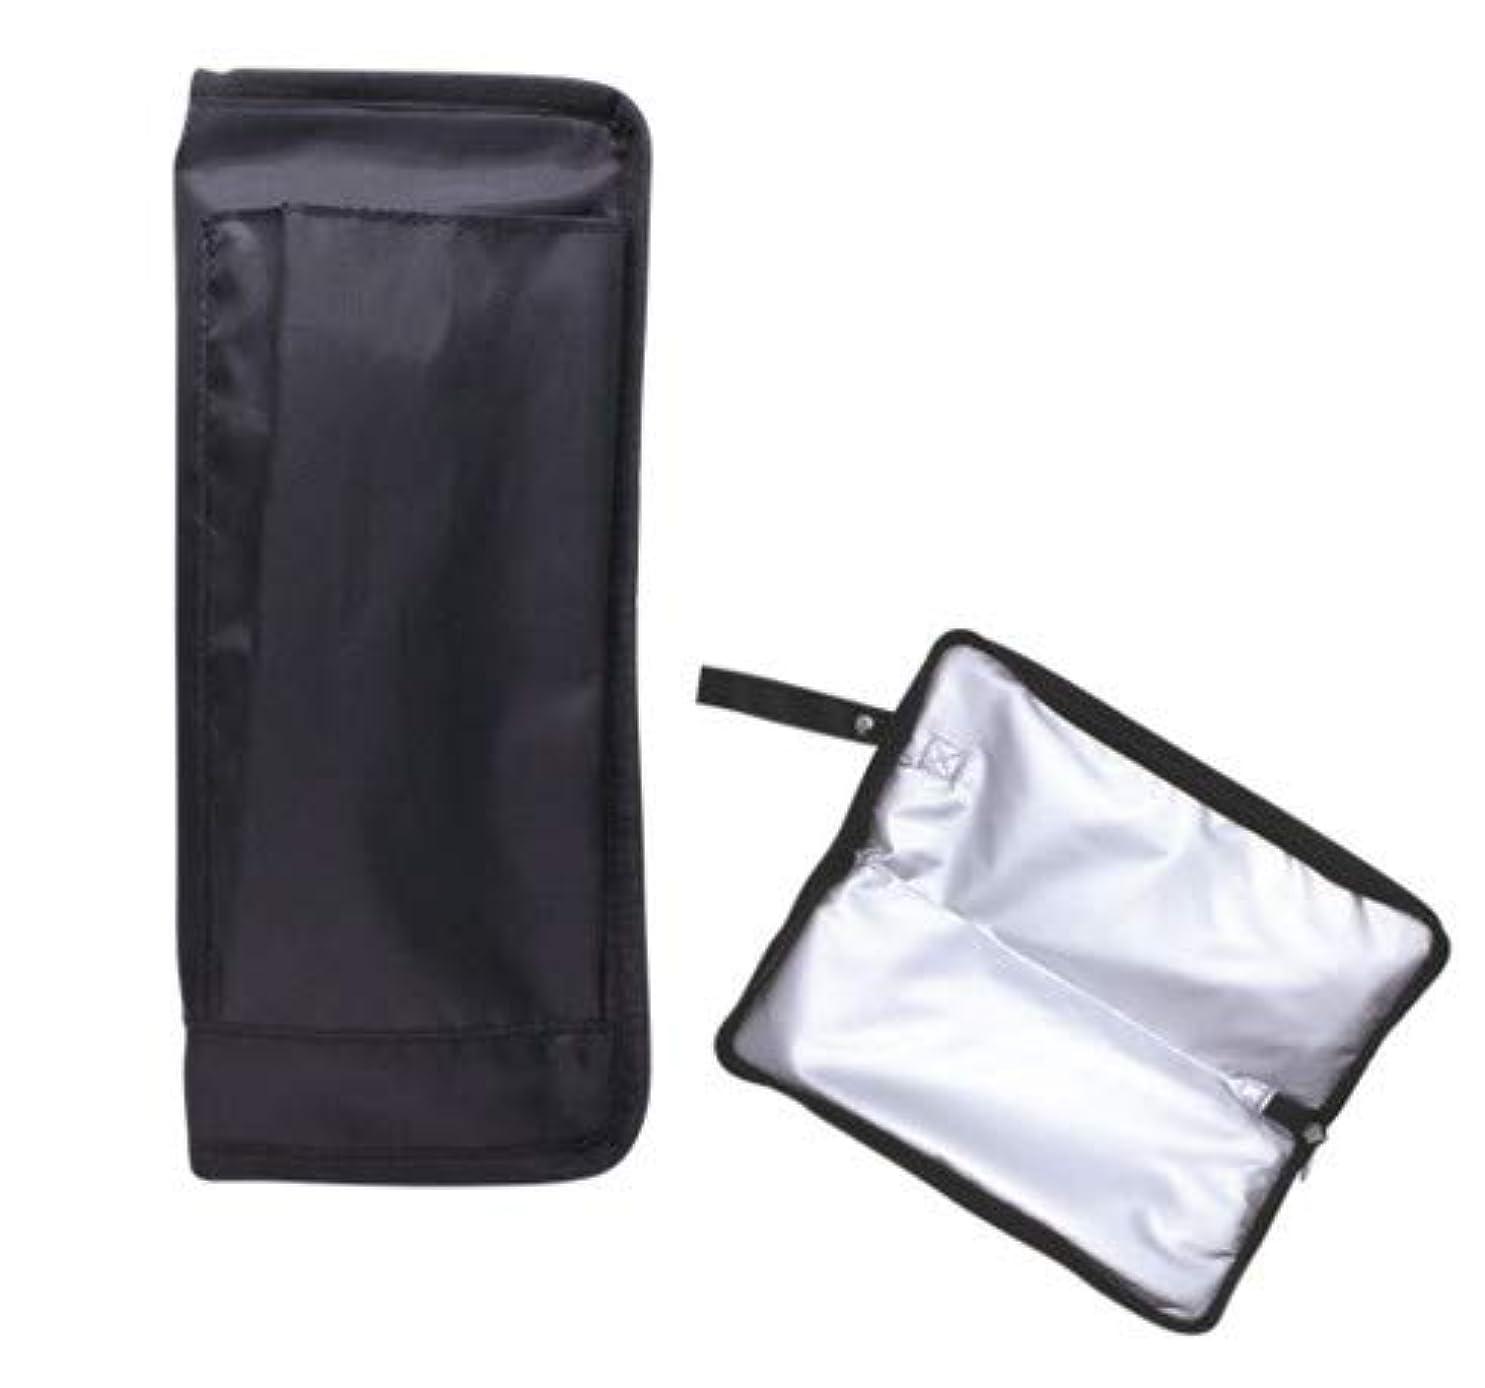 震え過敏な創造ヘアアイロンカバー(ブラック)HAC1800 ヘア アイロン コテ スタイリング 温 冷 一時置き コード スッキリ バッグ 収納 フック付き 自宅 お出かけ 旅行 化粧